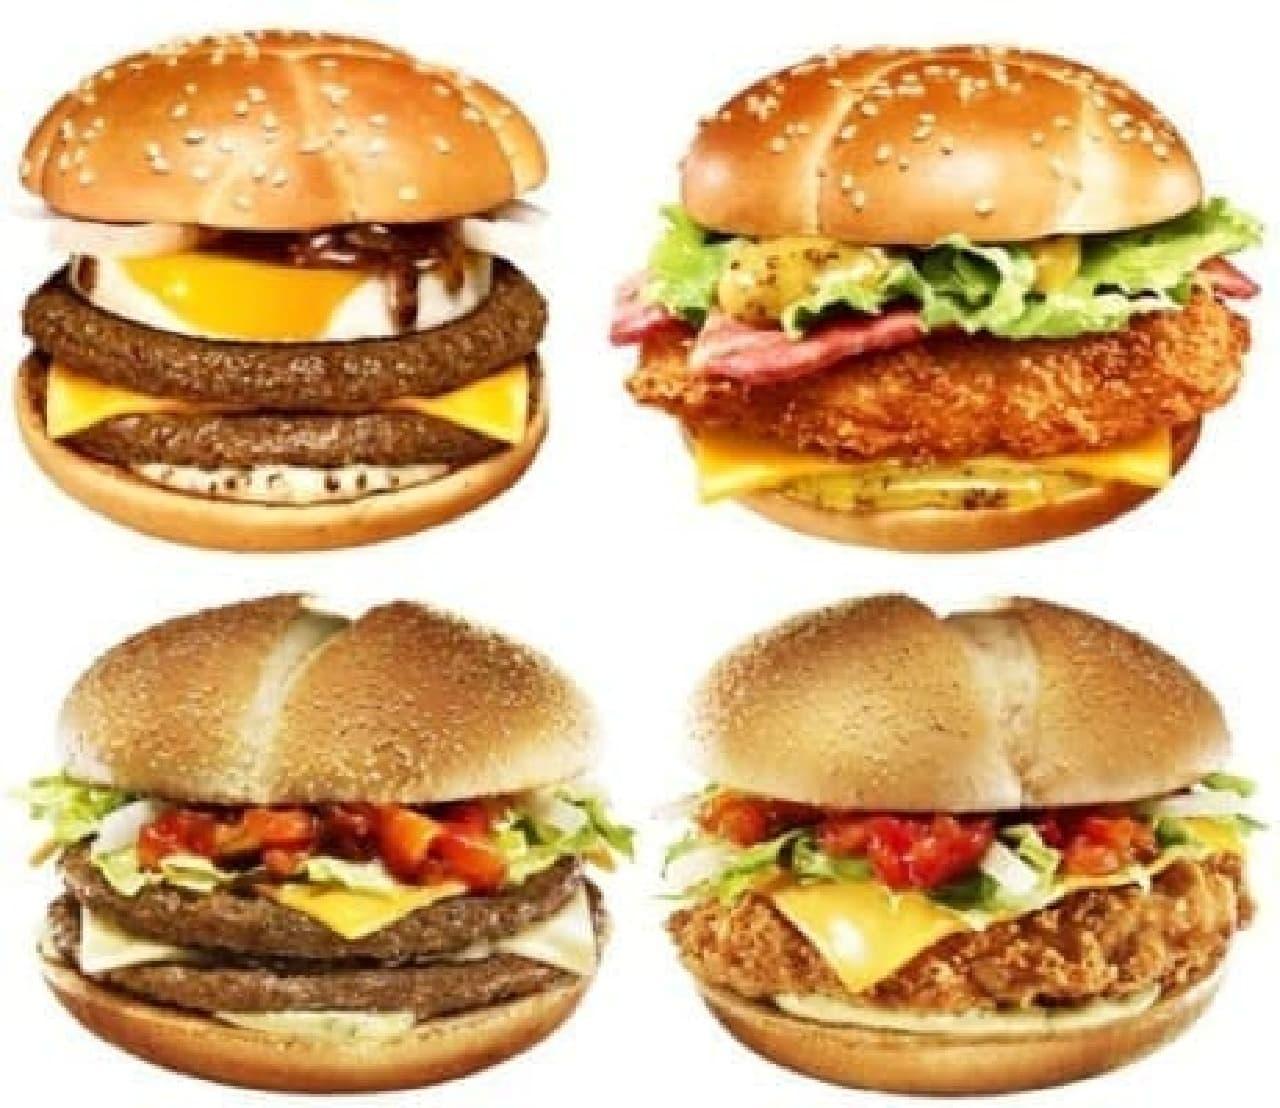 これまで登場した4種のバーガー